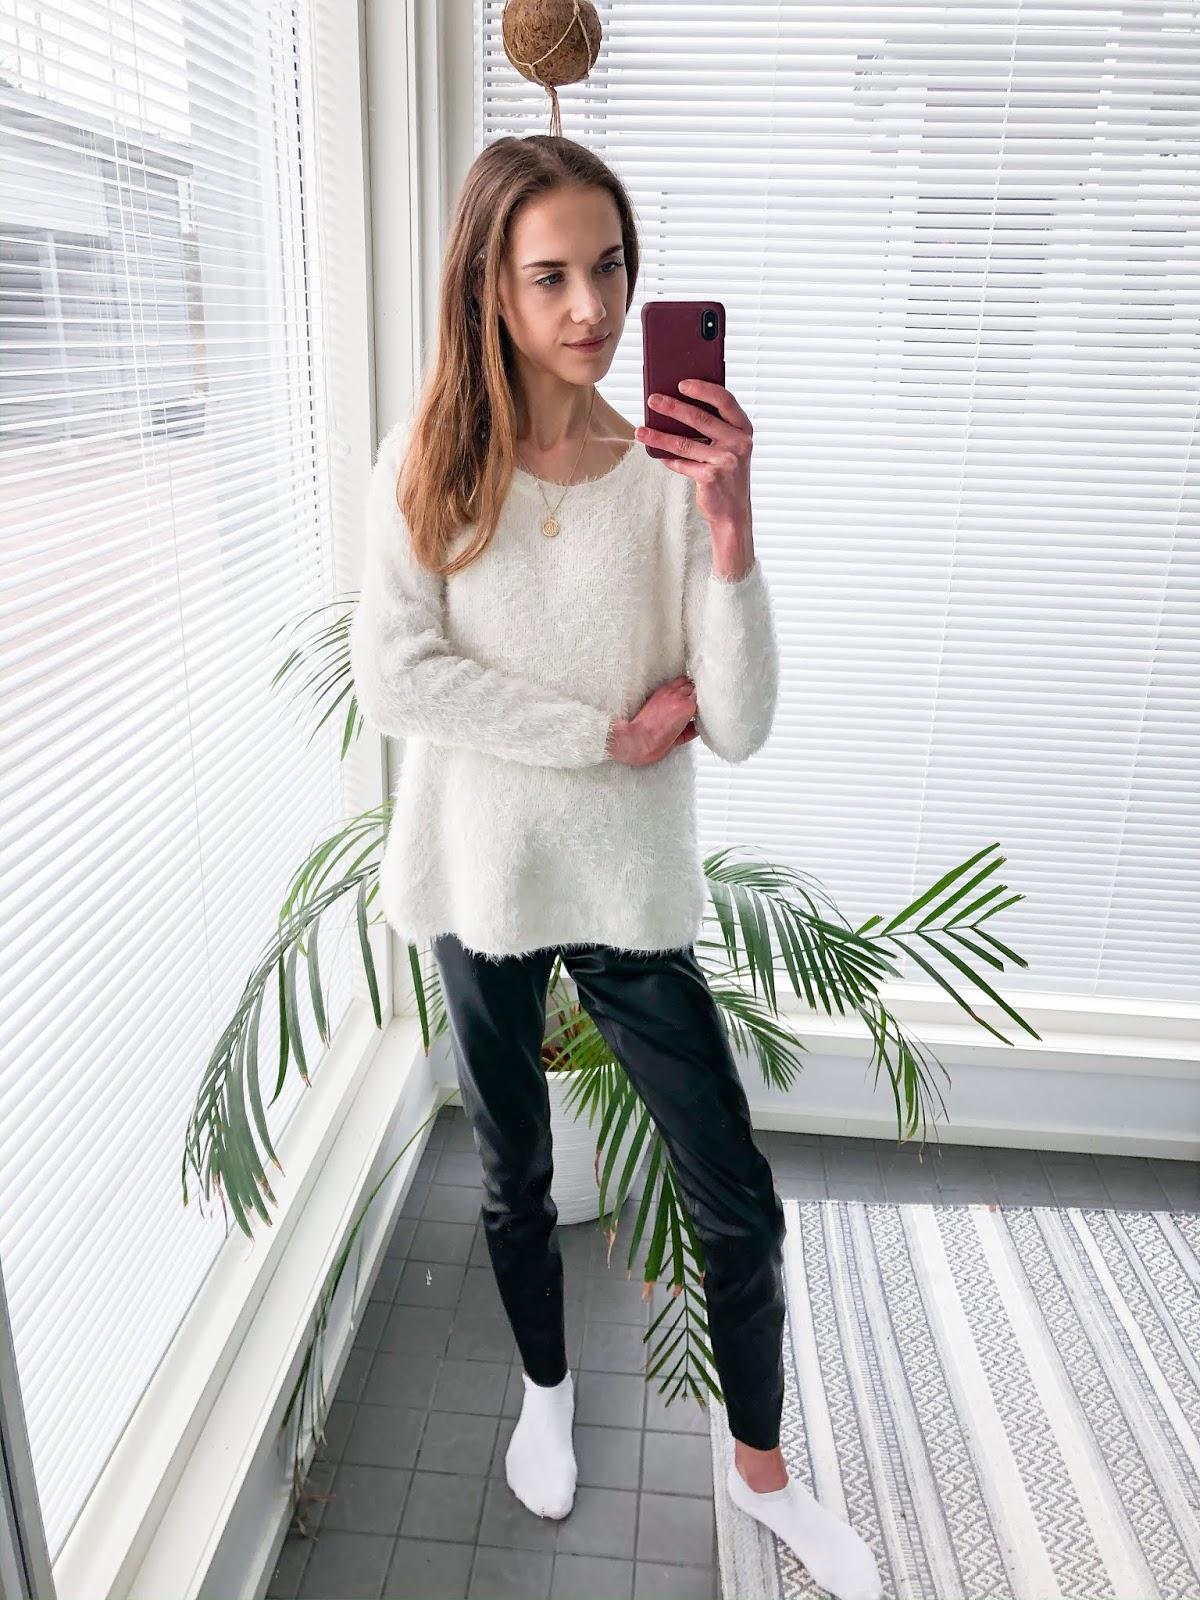 Black and white outfit inspiration - Mustavalkoinen asu, muoti, bloggaaja, inspiraatio